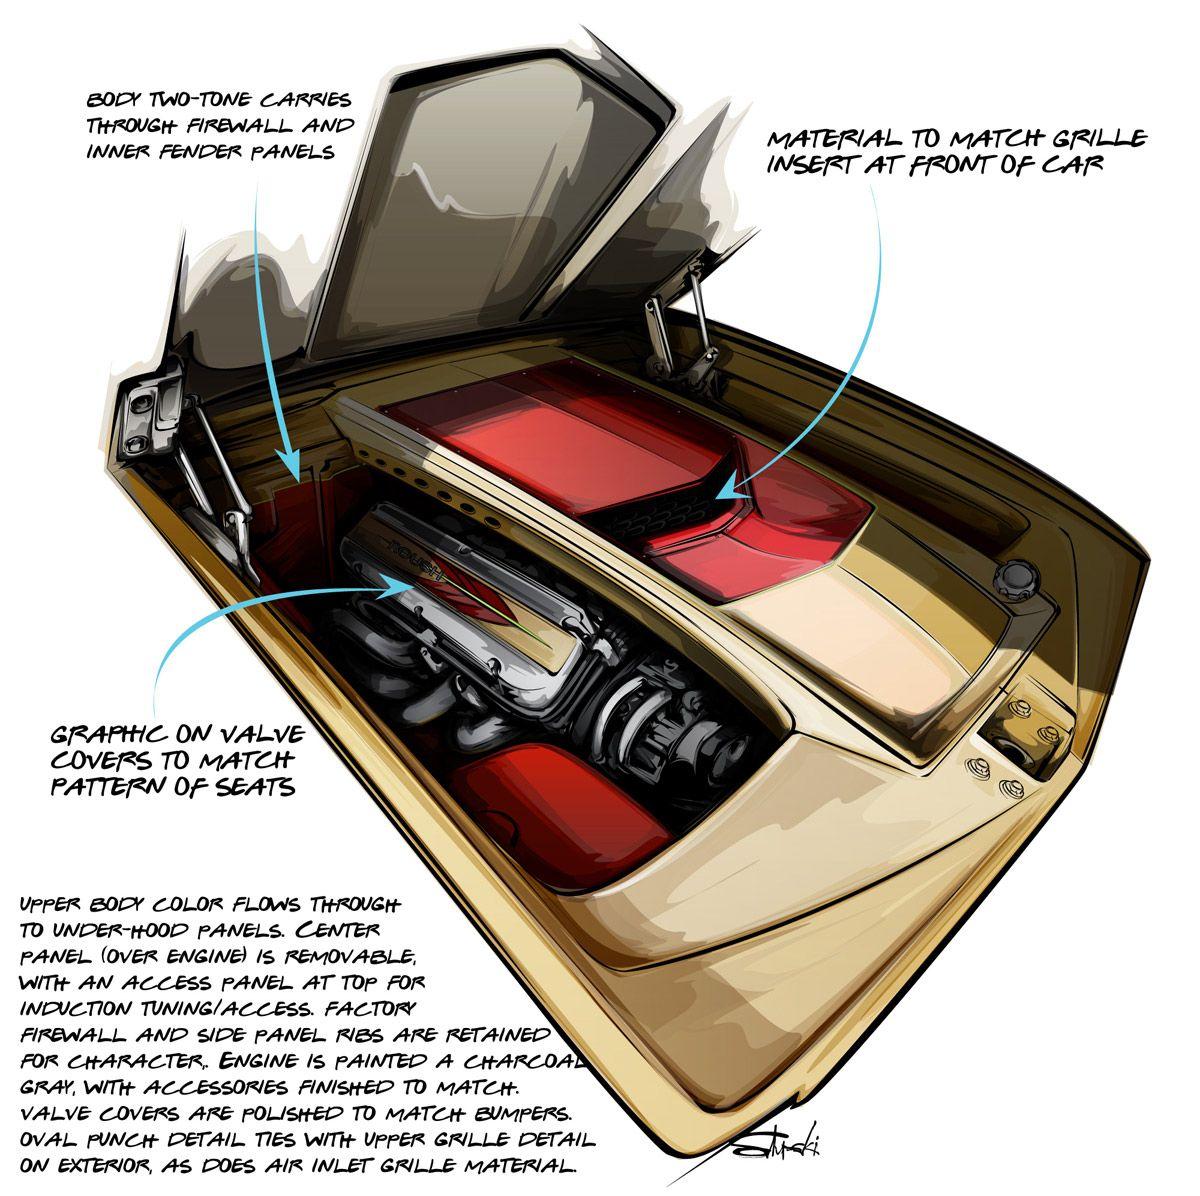 Ford Falcon Custom engine compartment design